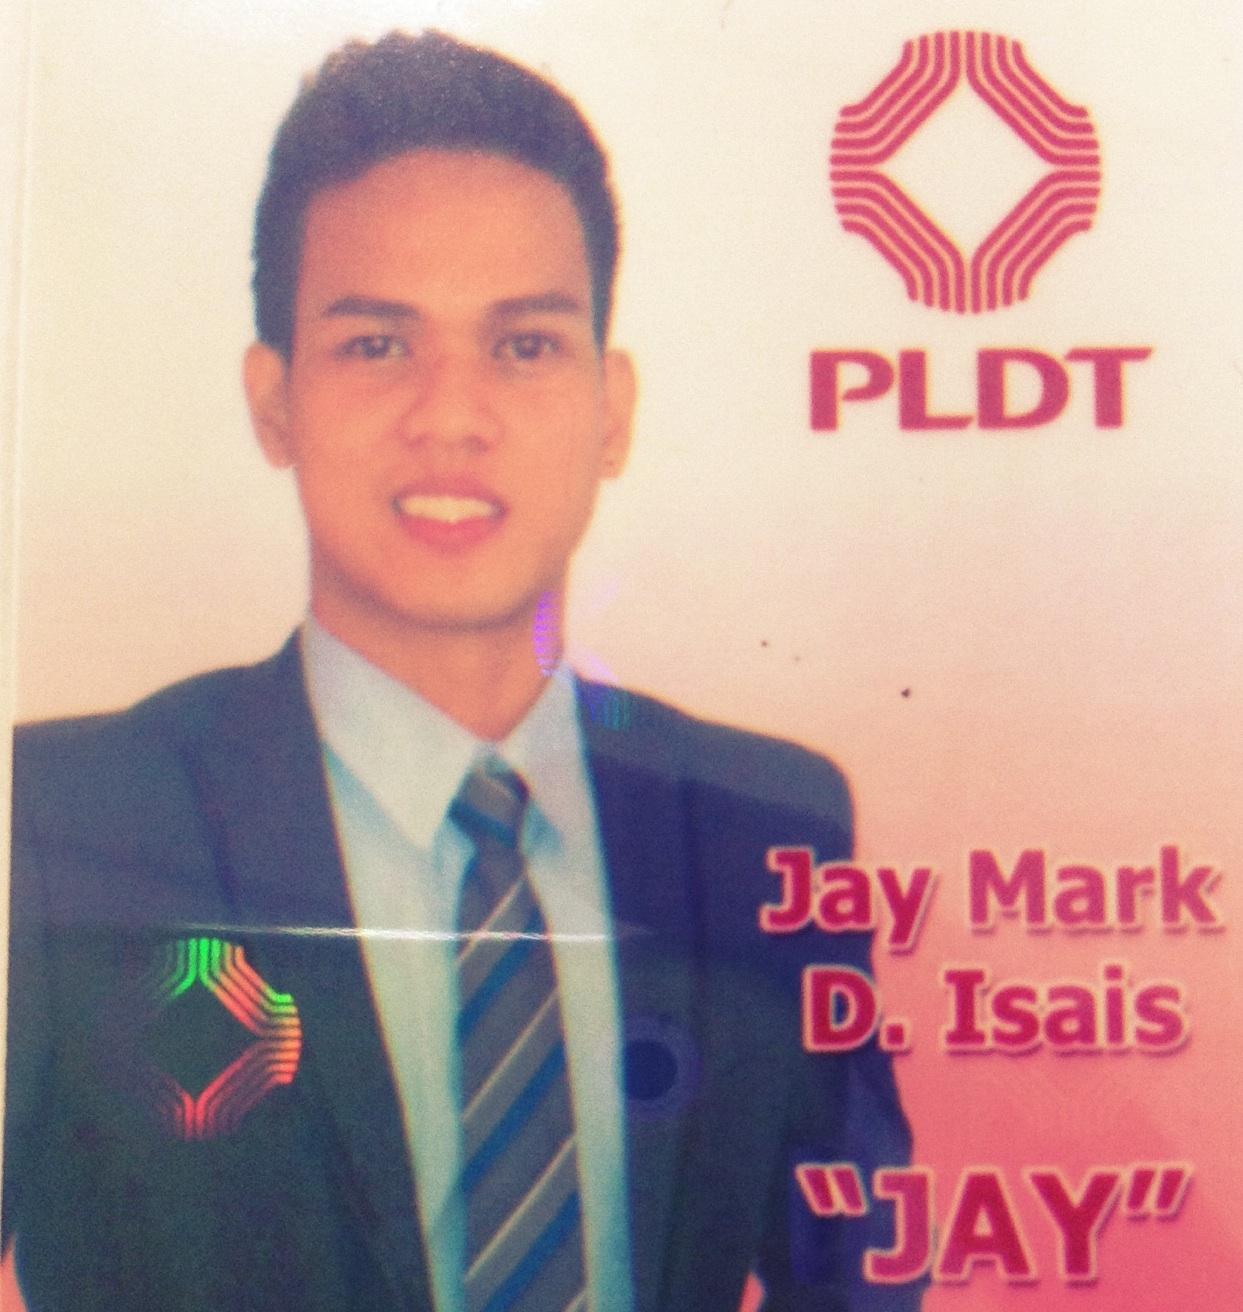 Jay Mark Isais